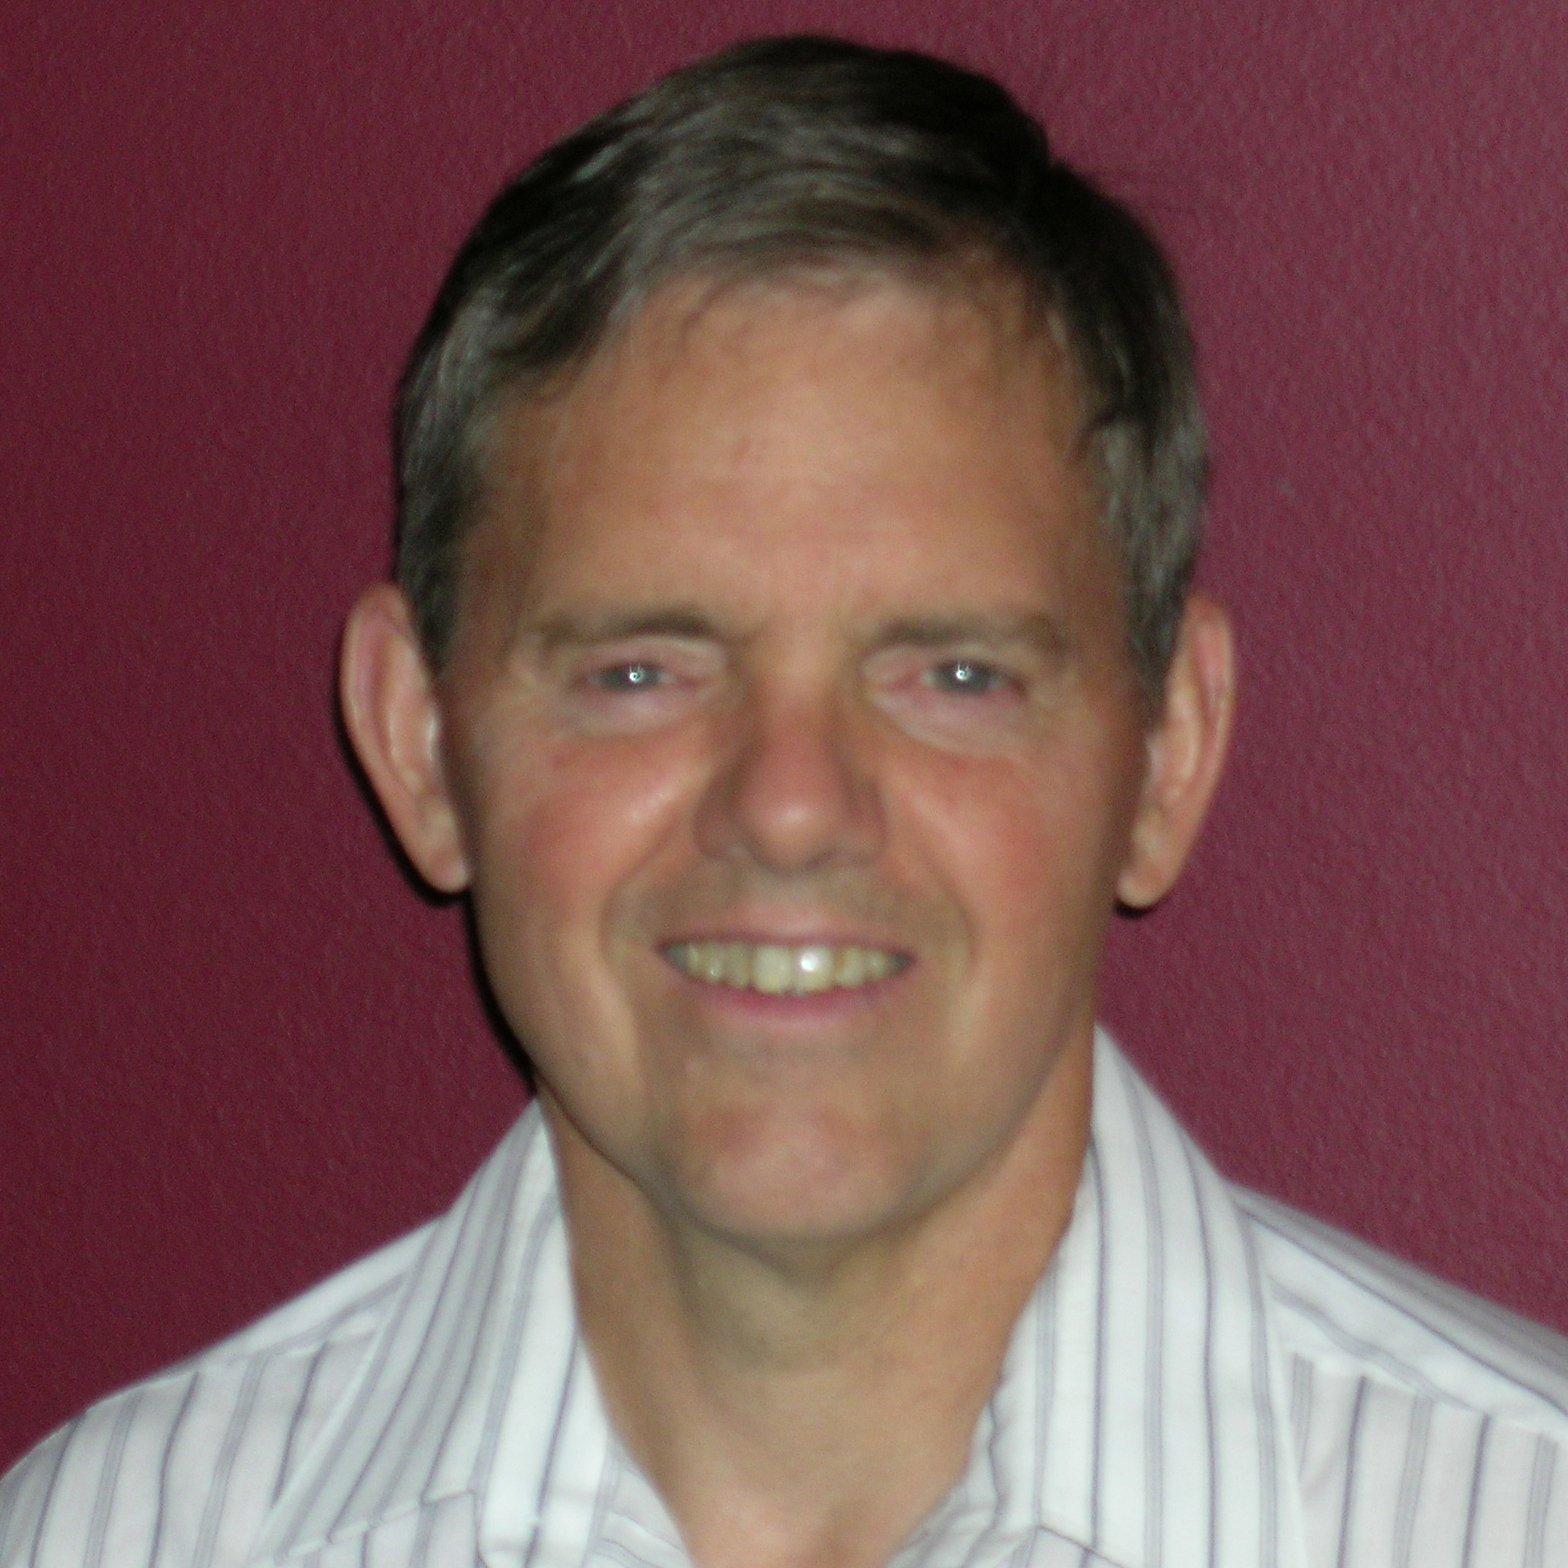 Michael J. Oard